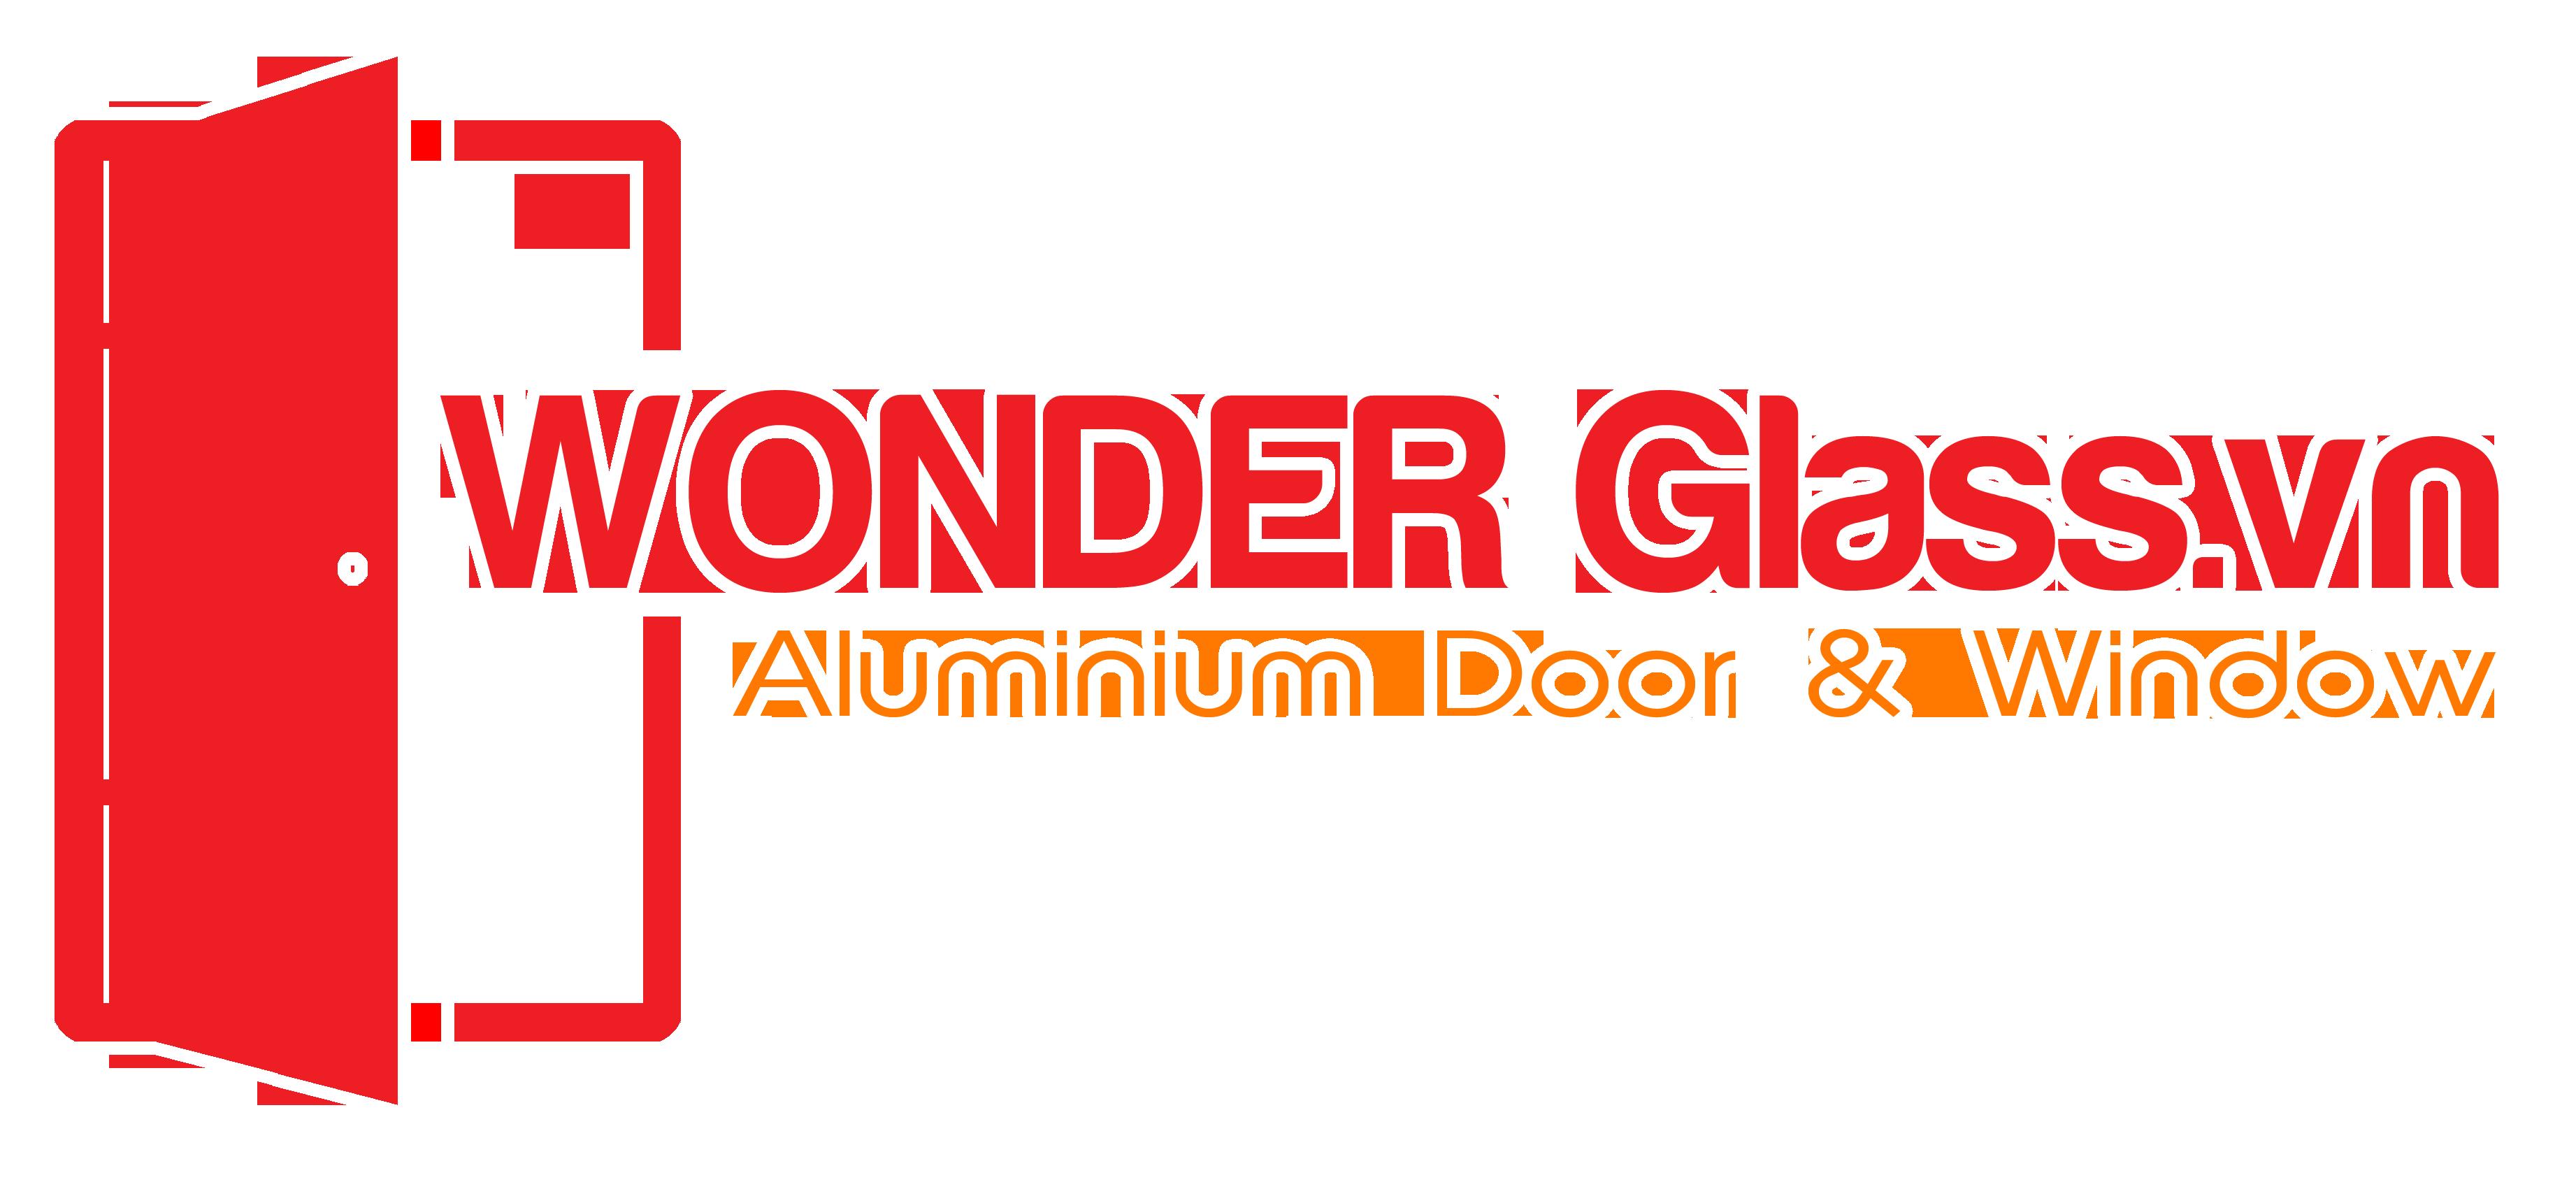 Kính cường lực  Đà Nẵng – Kinh cuong luc Da Nang – Wonder Glass